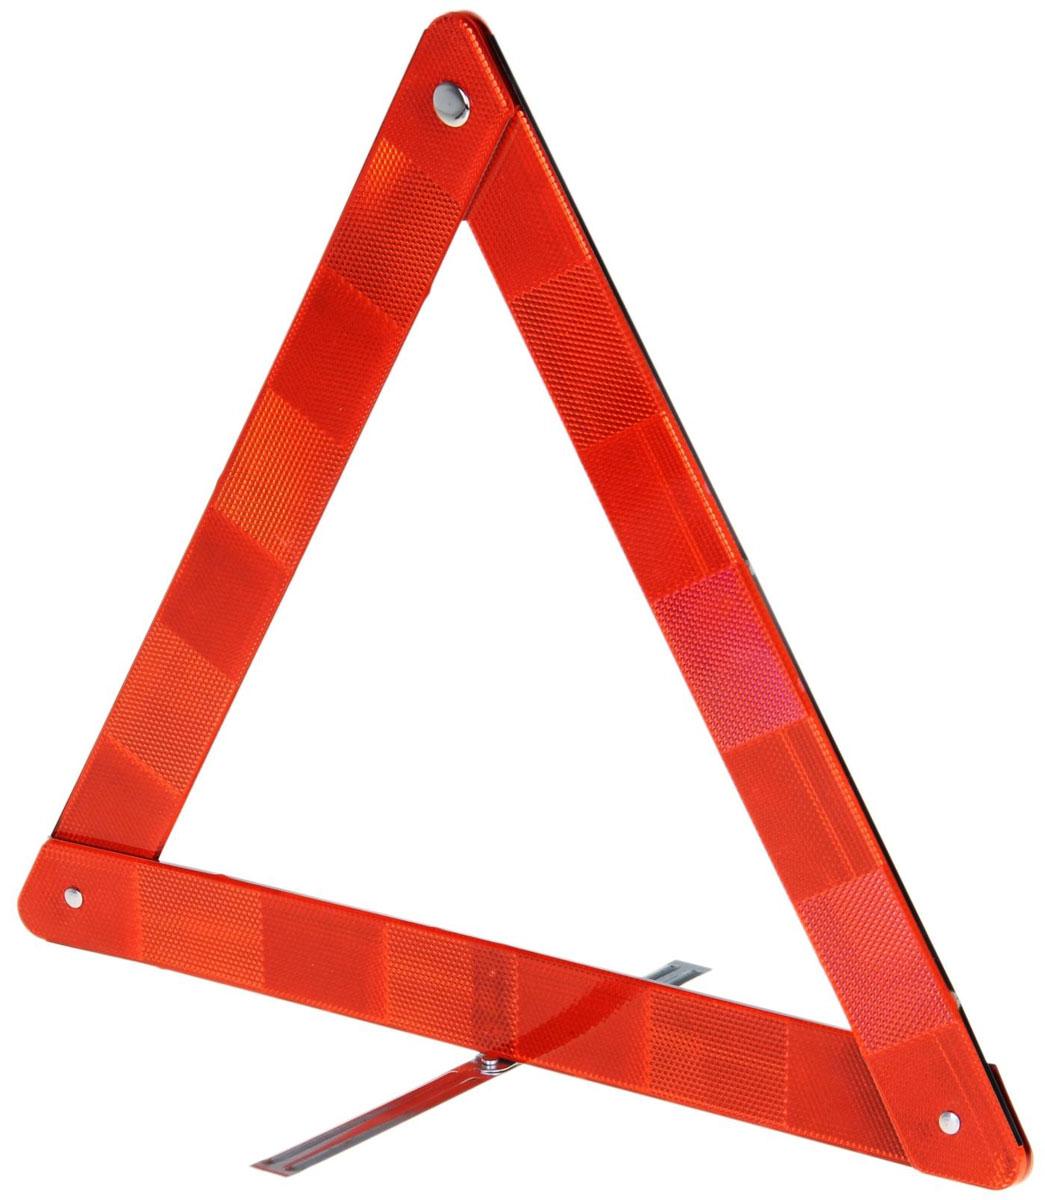 Знак аварийной остановки Prestige. JM-001JM-001Знак аварийной остановки предназначен для предупреждения участников дорожного движения о ДТП.Знак аварийной остановки с дополнительно усиленным основанием для более долгой службы.Применение знака аварийной остановки регламентируется ПДД РФ.Неограниченный срок службы.